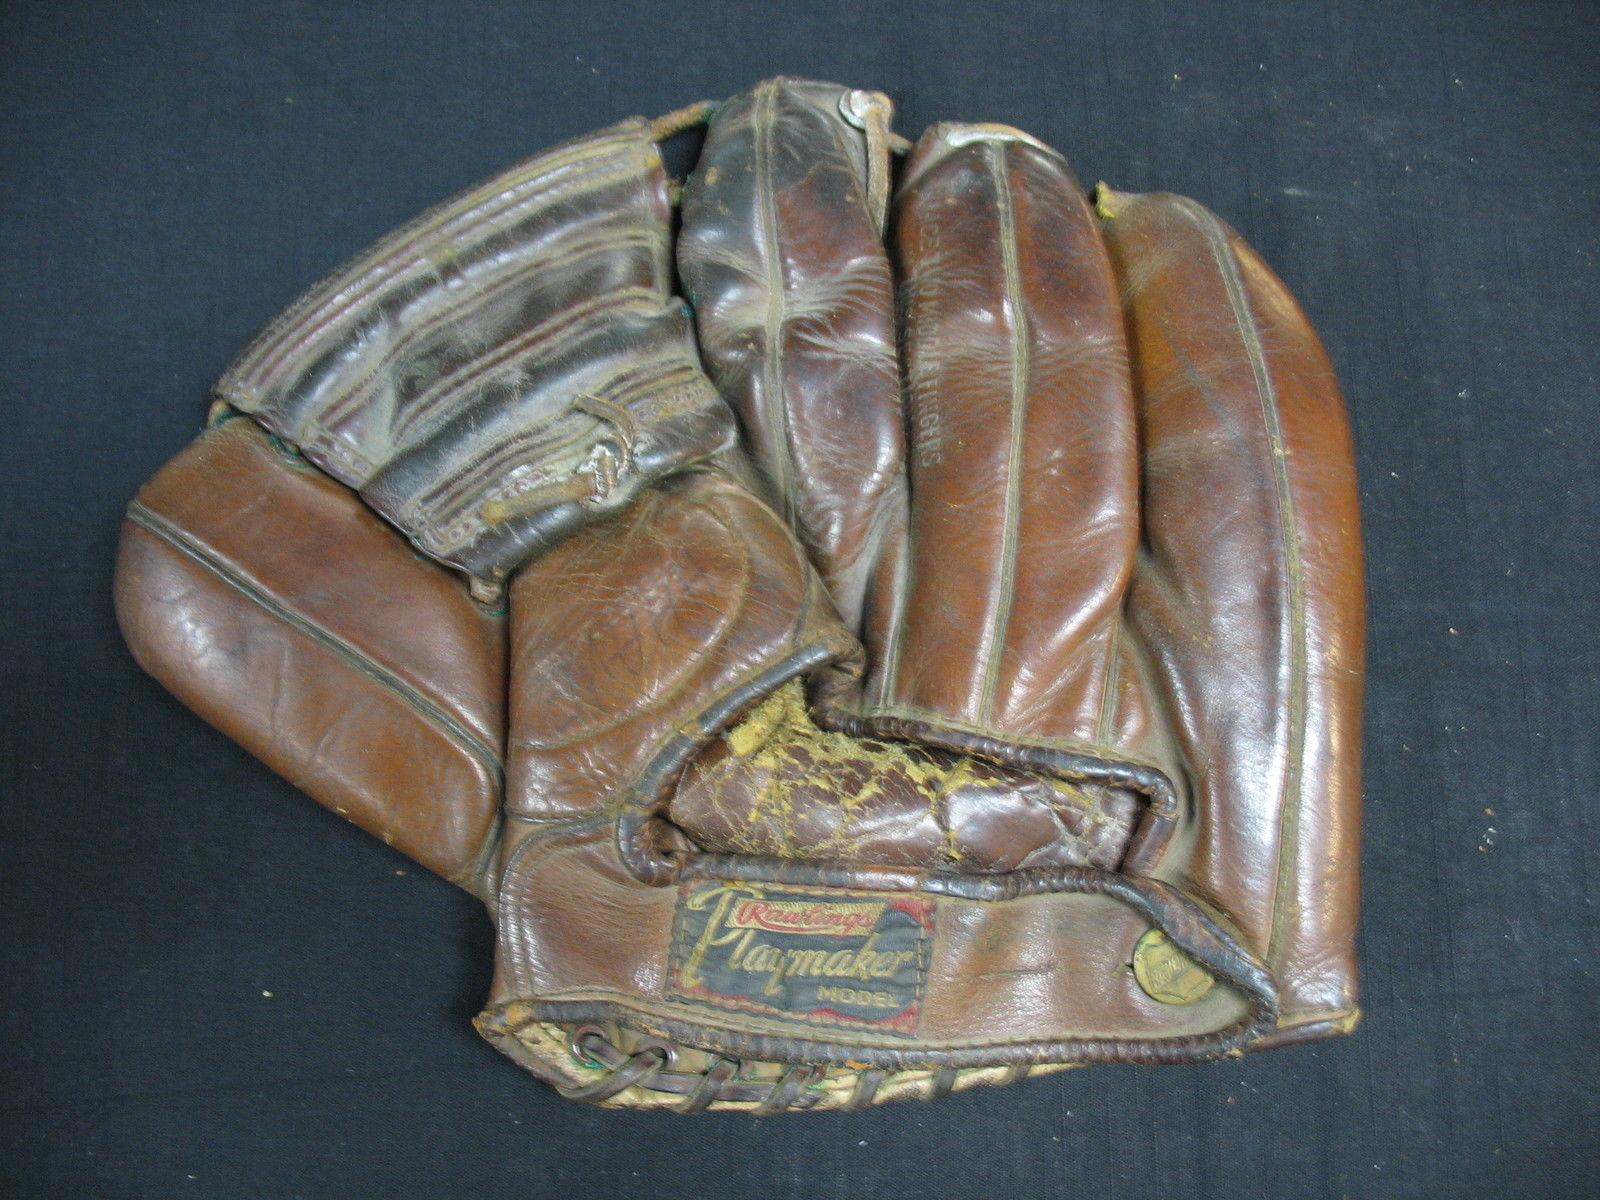 Vintage Rawlings Playmaker 4 Finer Fielders Glove